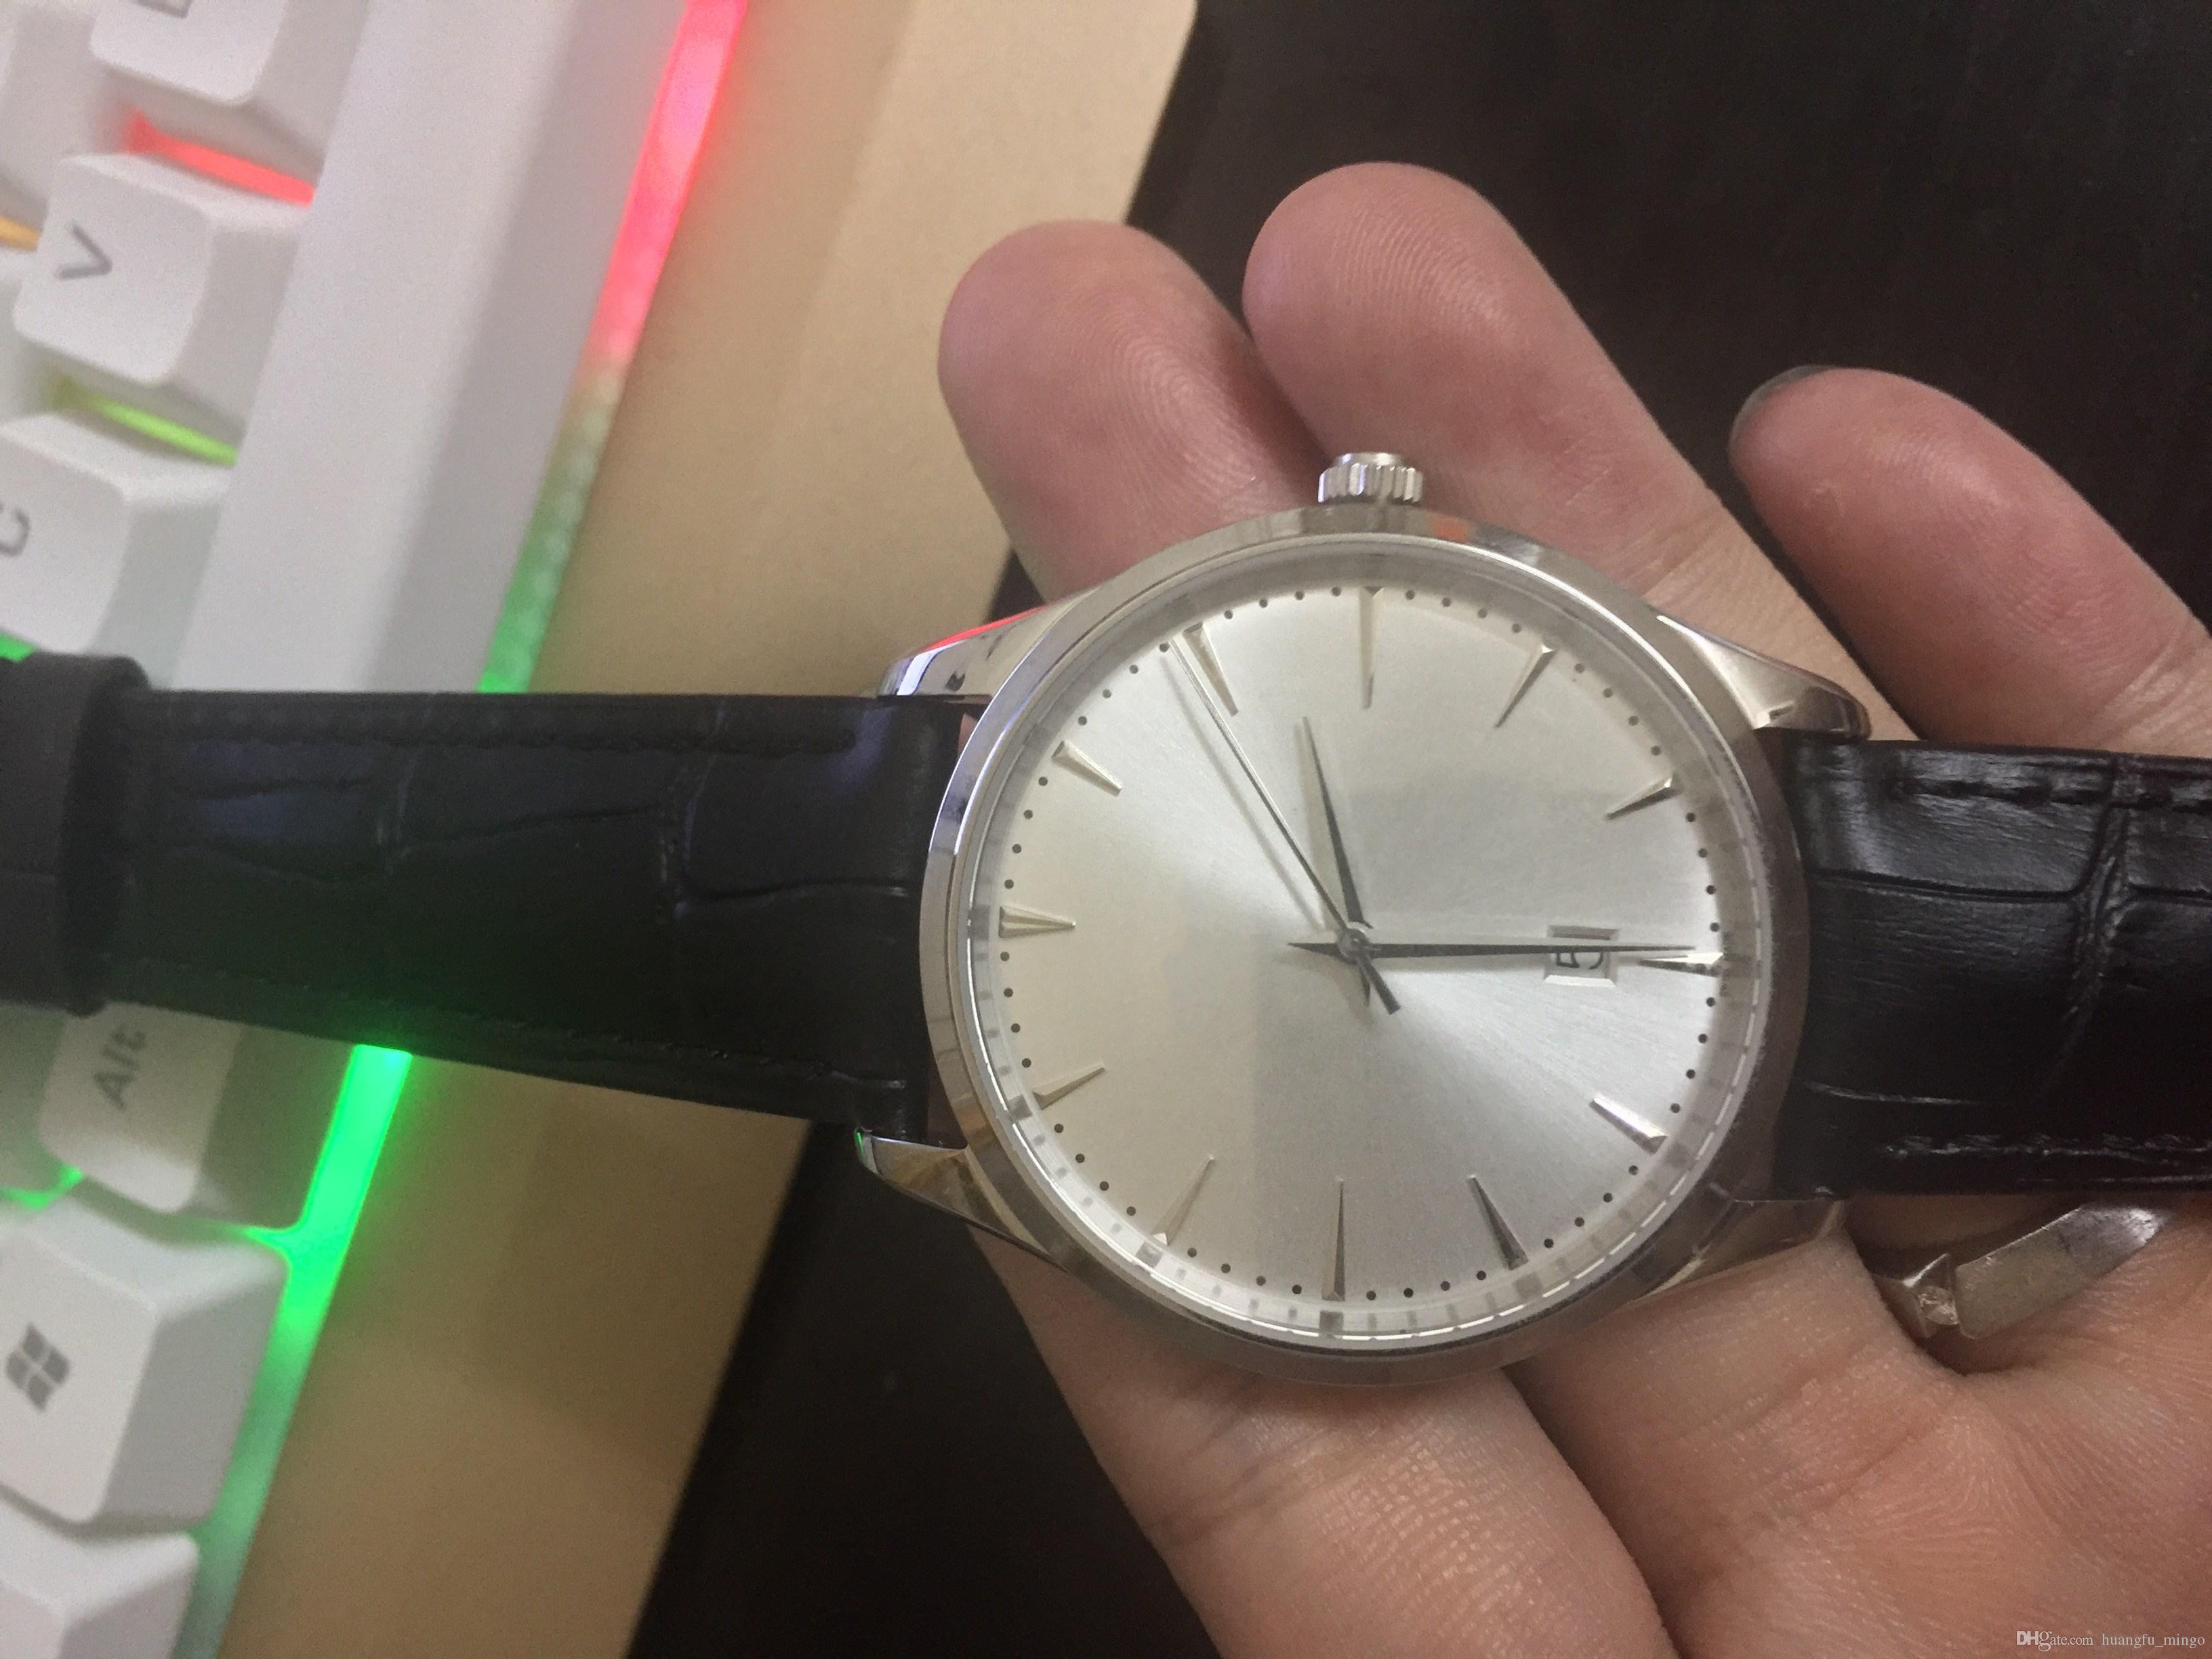 0c40be1d295 Compre Homens De Negócios Clássico Marca De Luxo Relógio À Prova D  água  Pulseira De Couro Vidro De Safira 9015 Relógios De Pulso Movimento Para O  Sexo ...